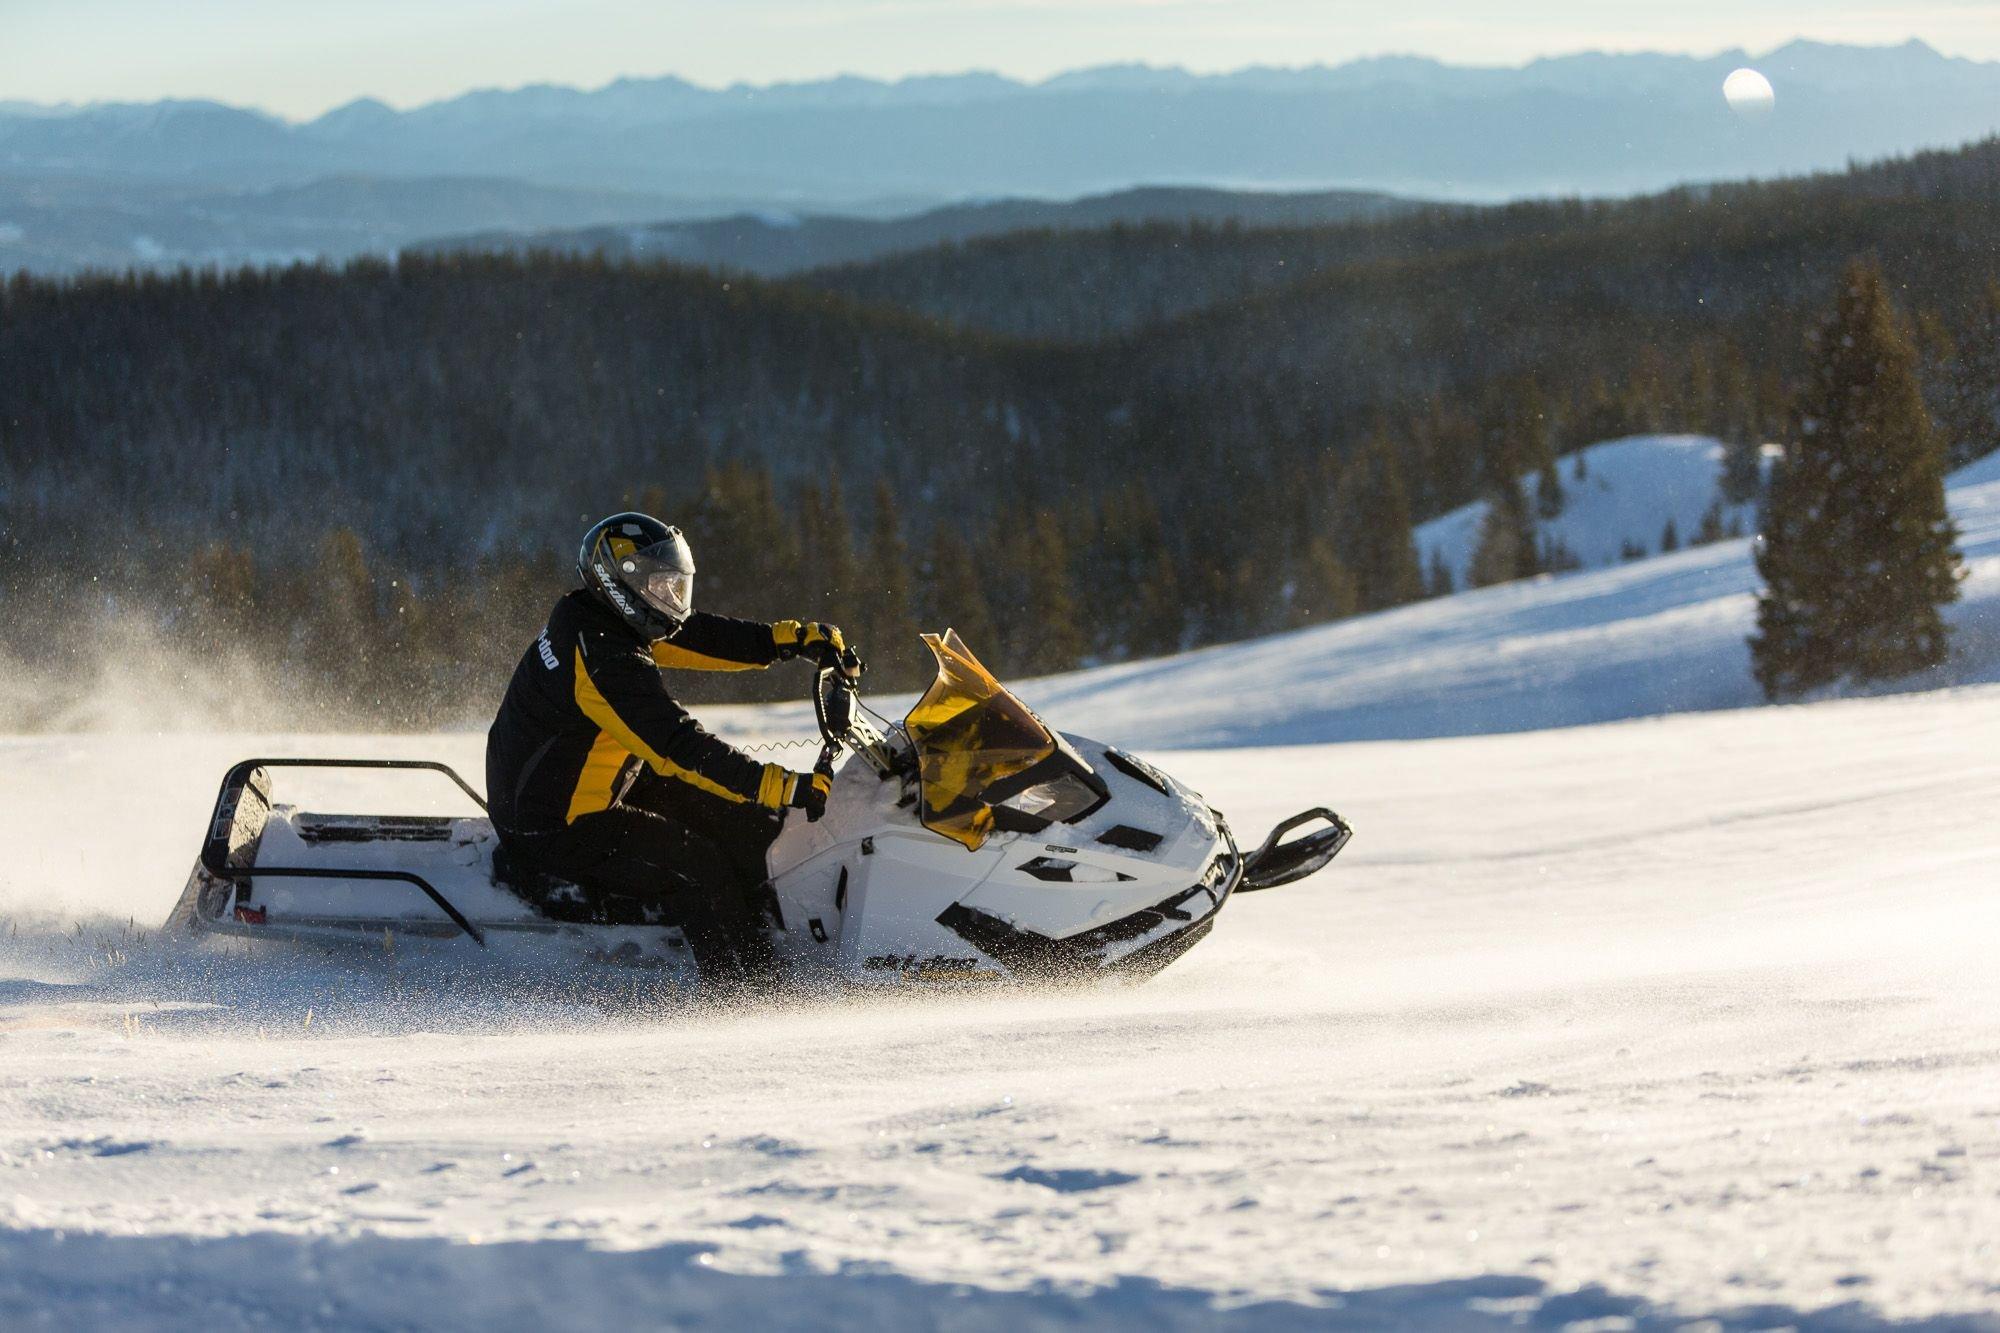 SKI-DOO snowmobile sled ski doo winter snow extreme wallpaper | 2000x1333 |  648426 | WallpaperUP